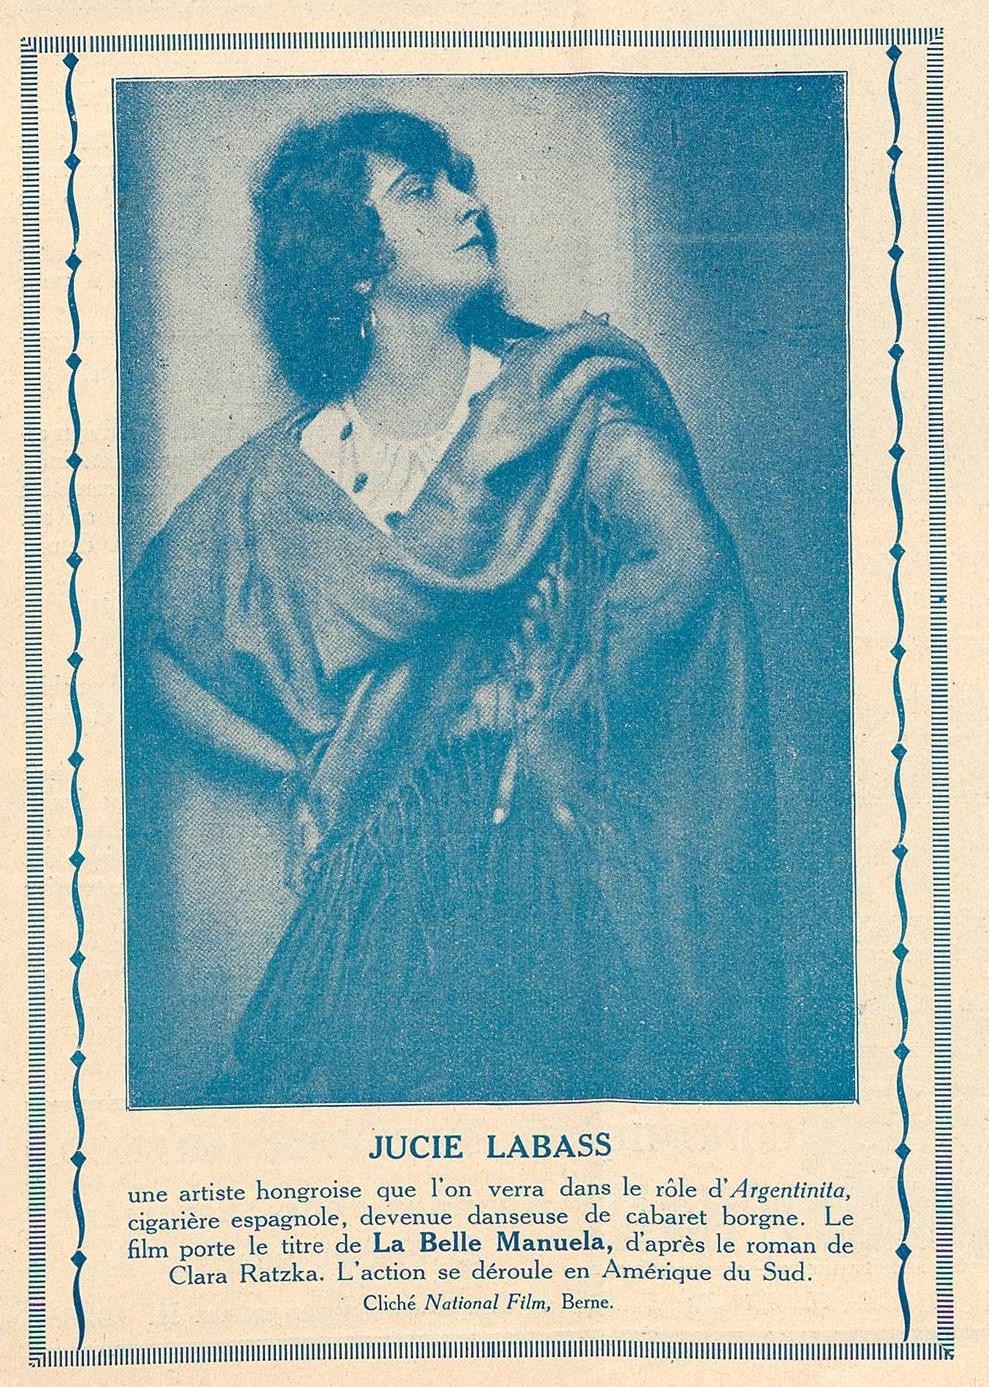 Labass Jucie in La Belle Manuela